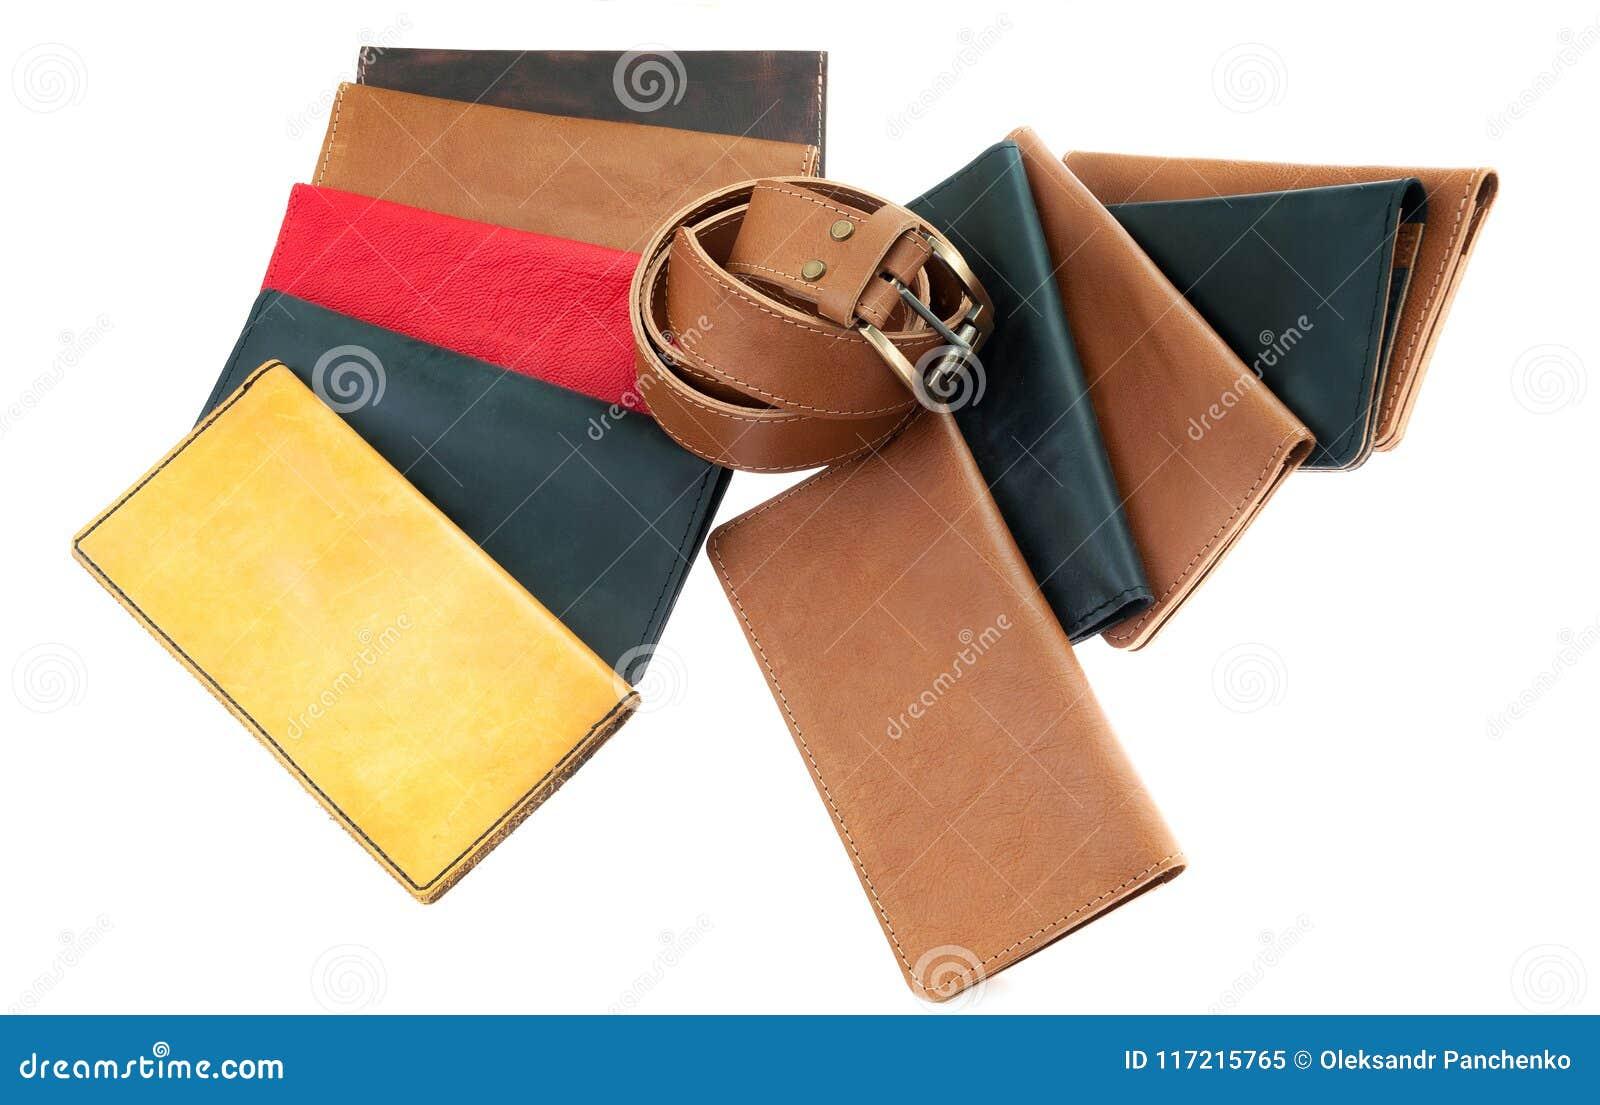 Mång--färgade läderplånböcker och ett bälte lädertillbehör